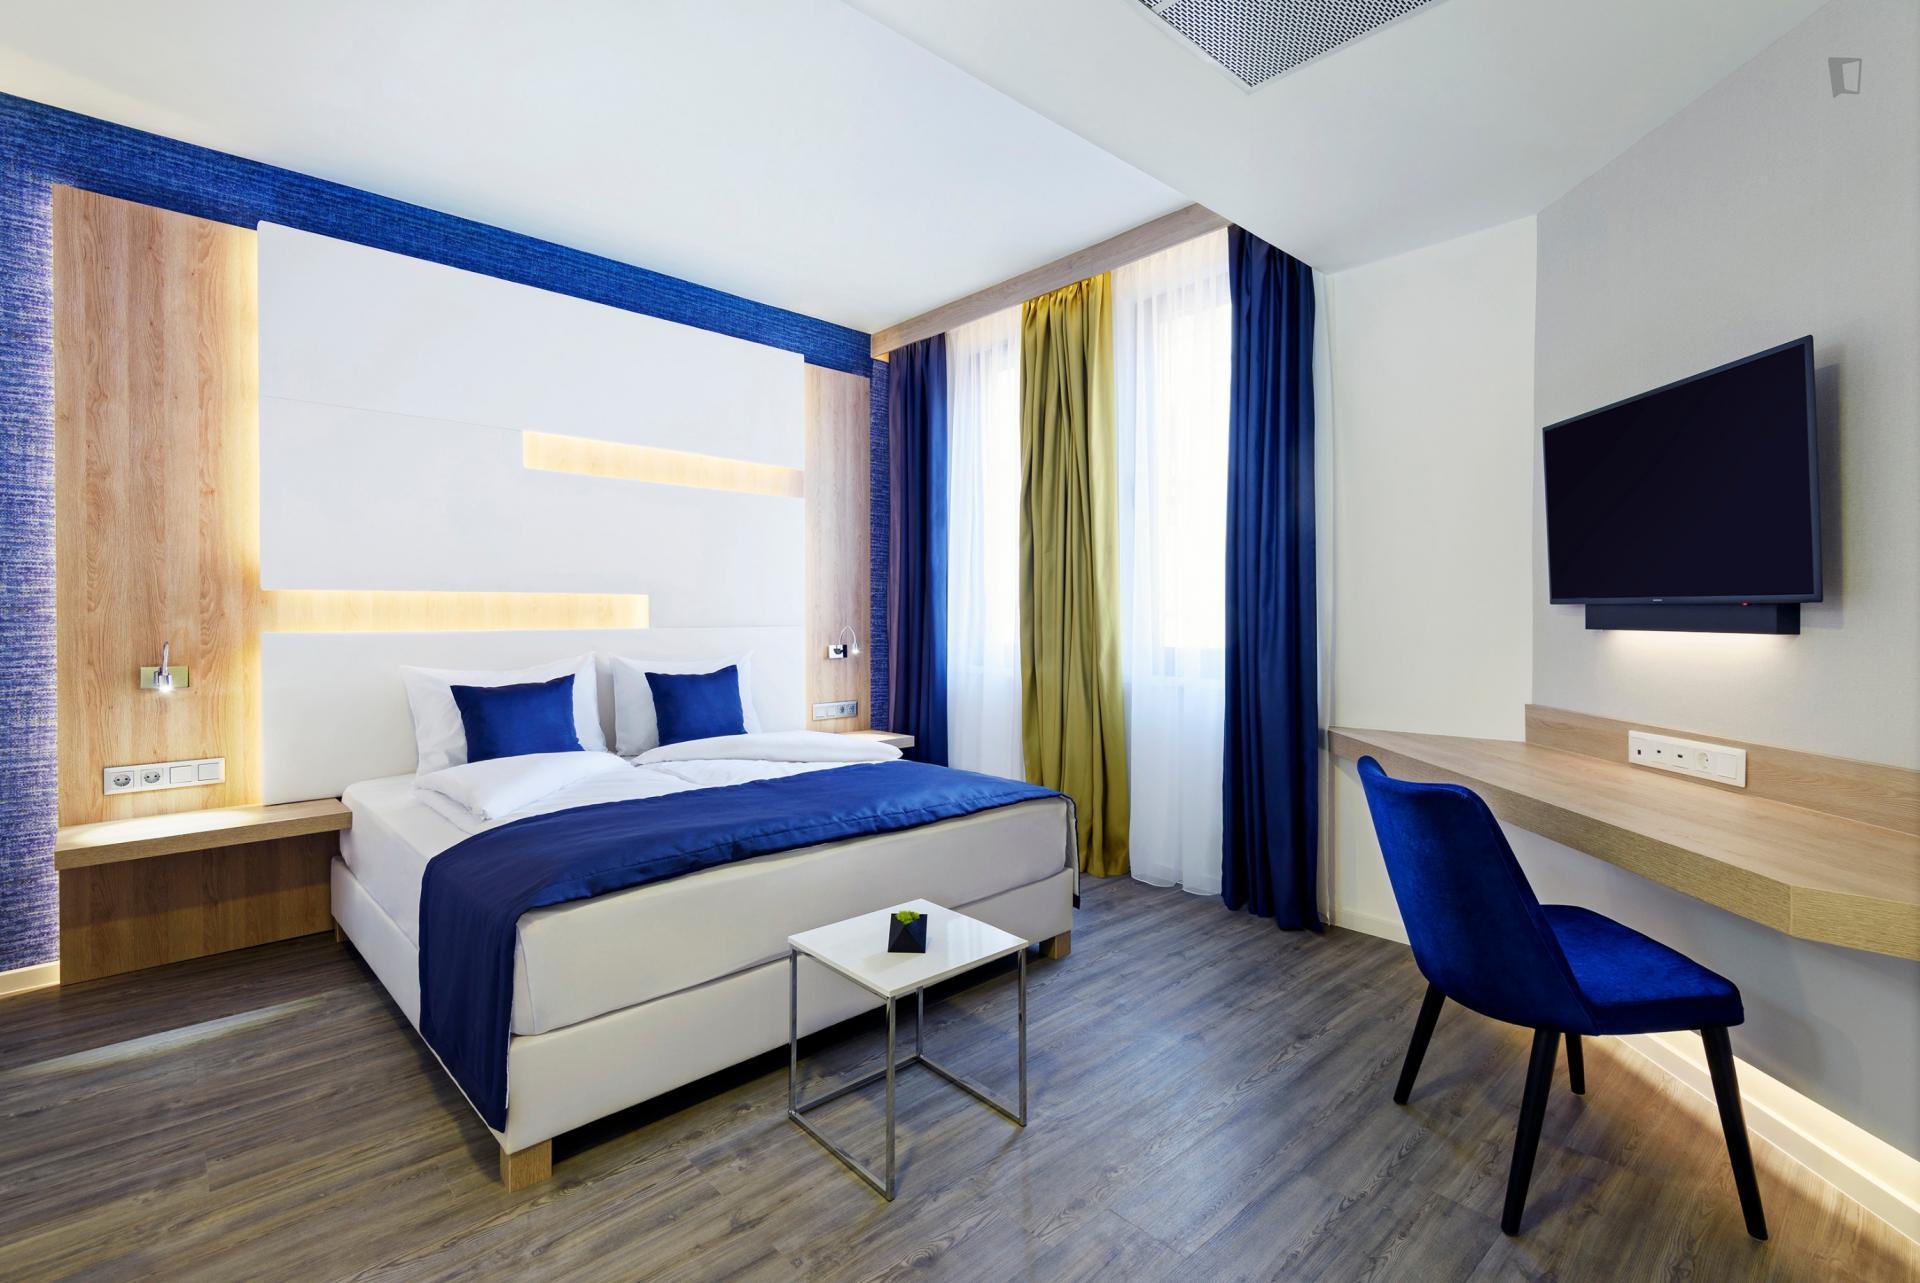 Klauzal - 1 room hotel apartment Budapest